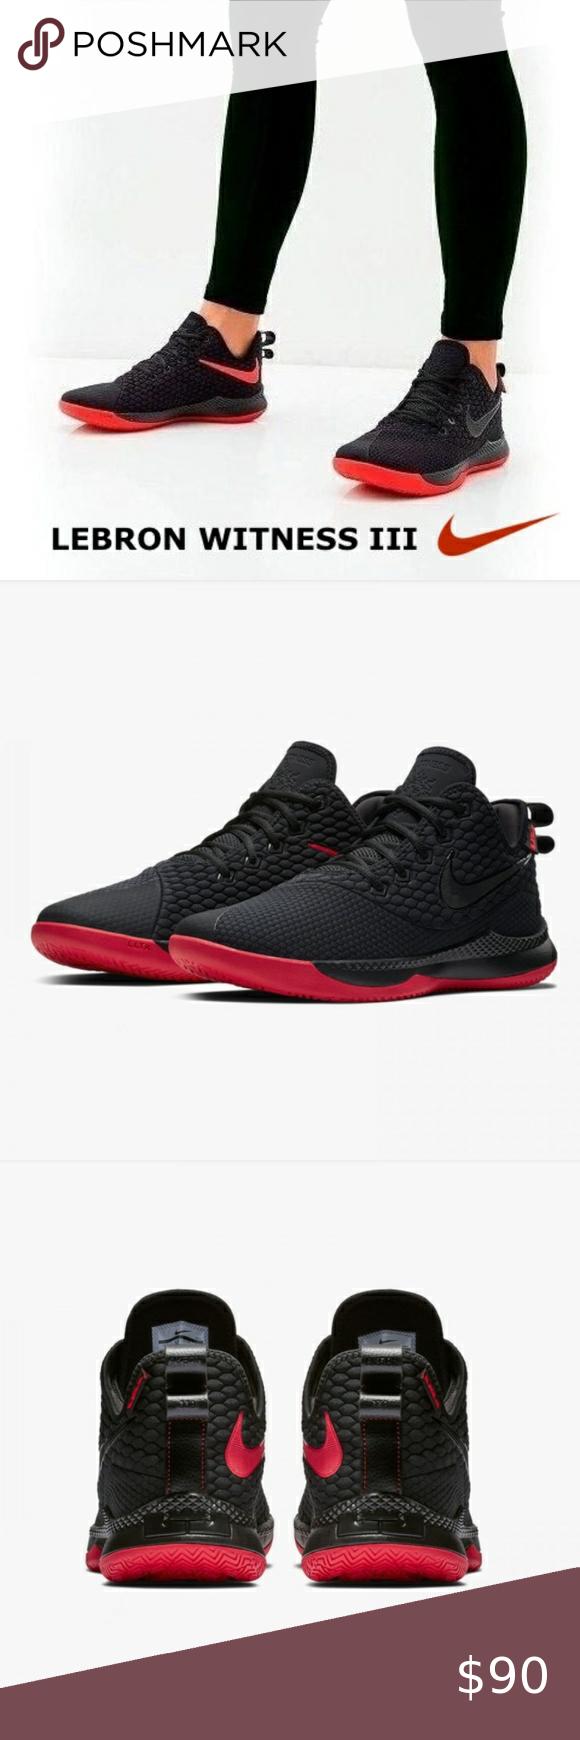 Nike Lebron Witness III Basketball Shoe